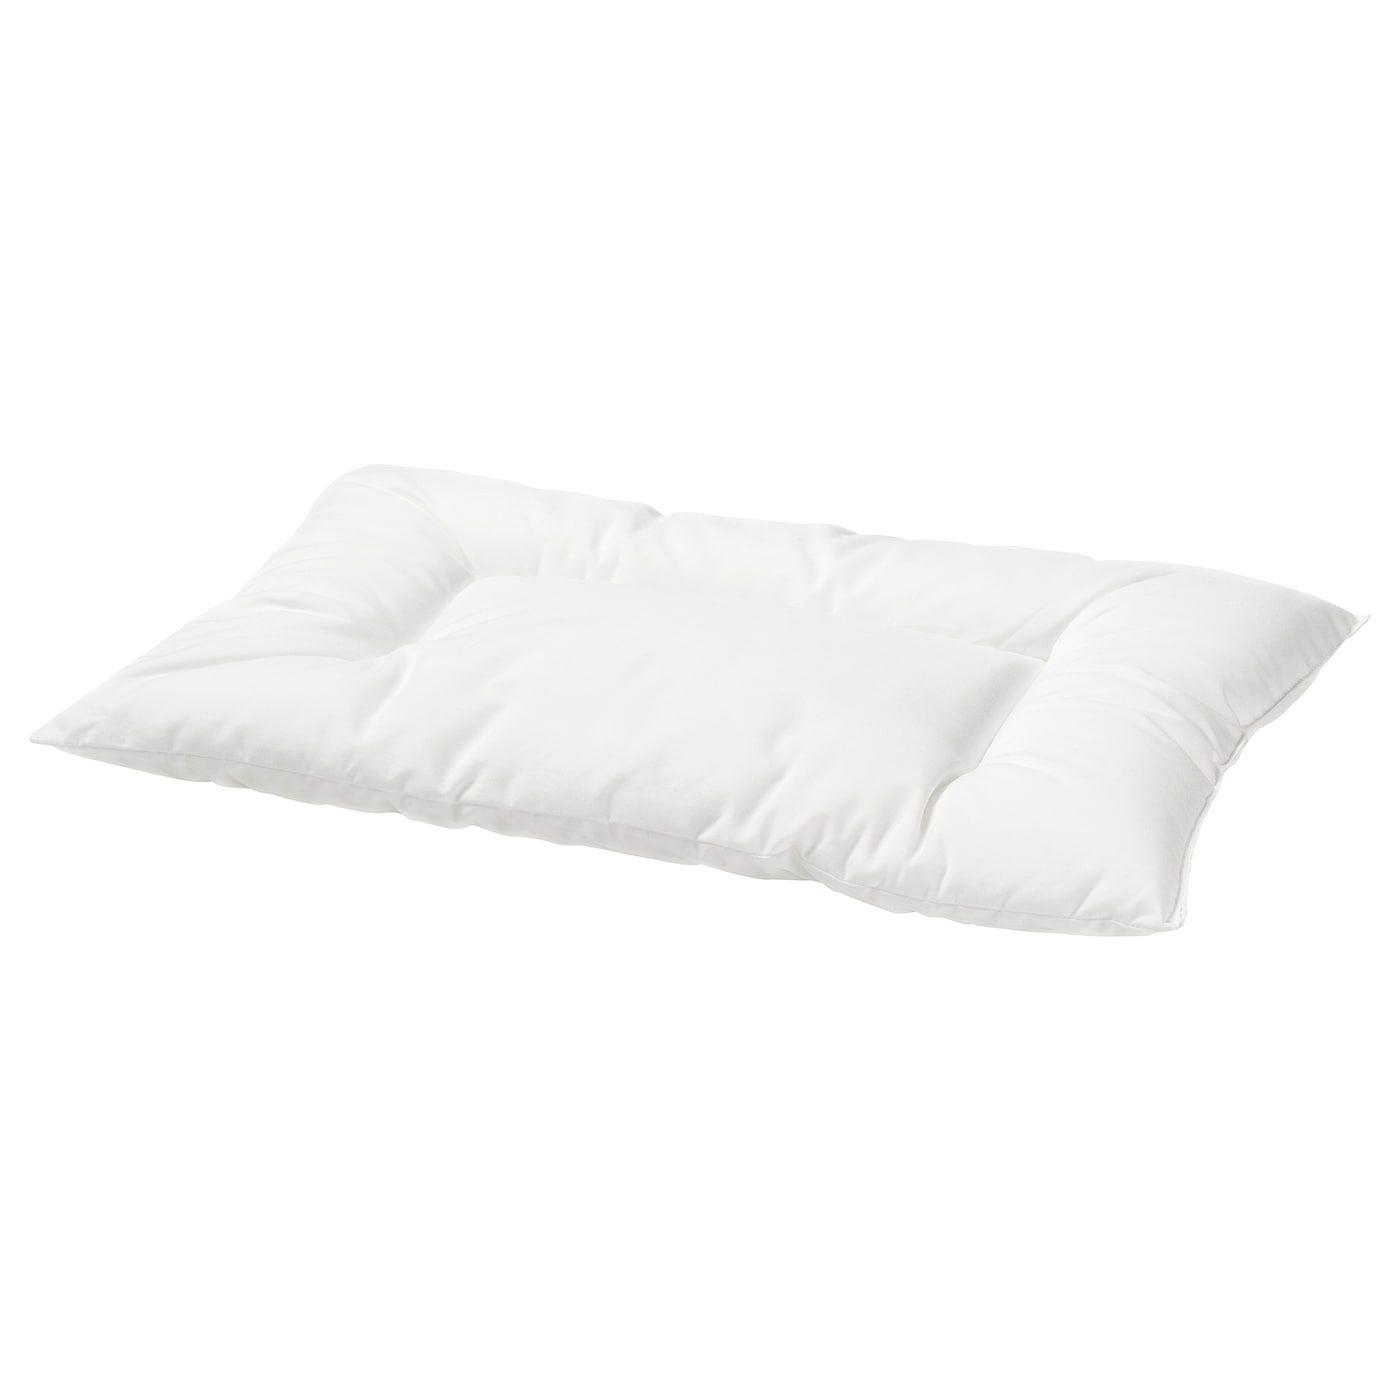 Ikea Len Cot Pillow White Crib Pillows White Pillows Pillows